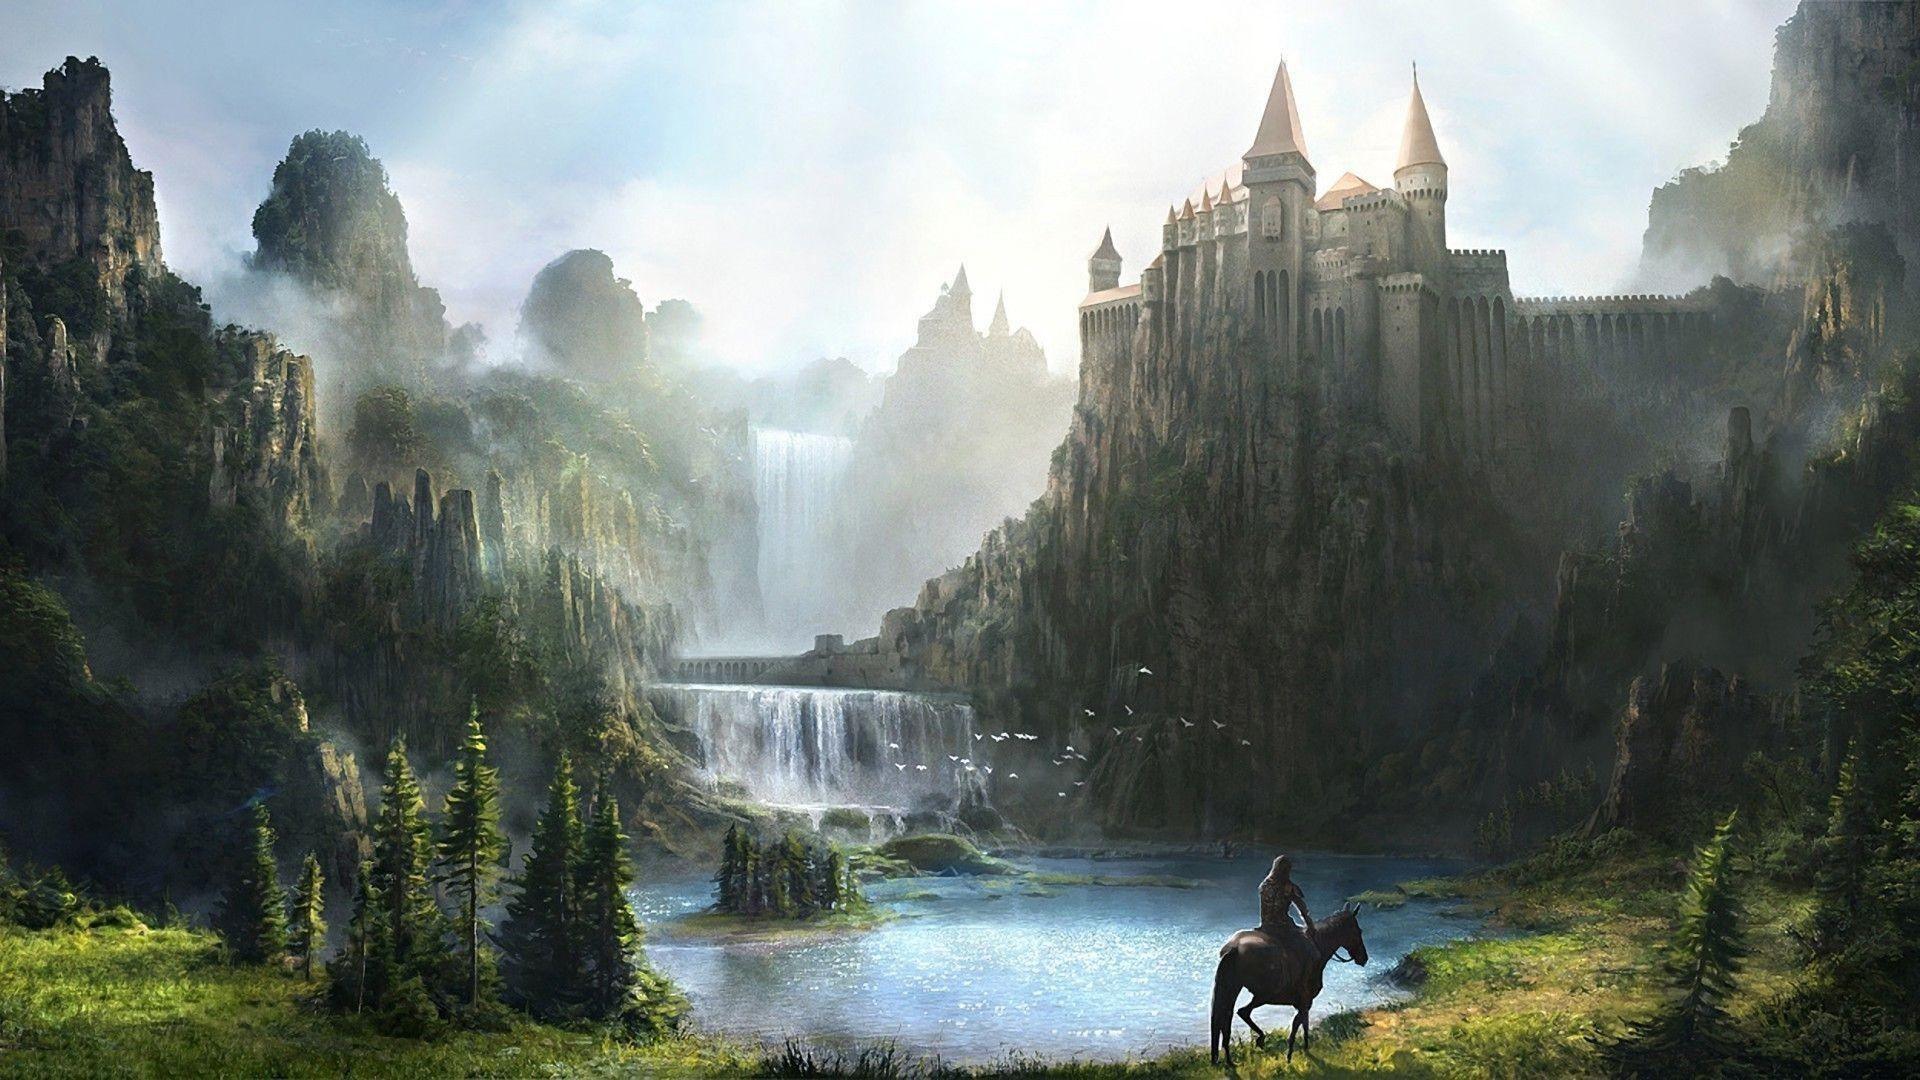 castle wallpaper hd 71 images